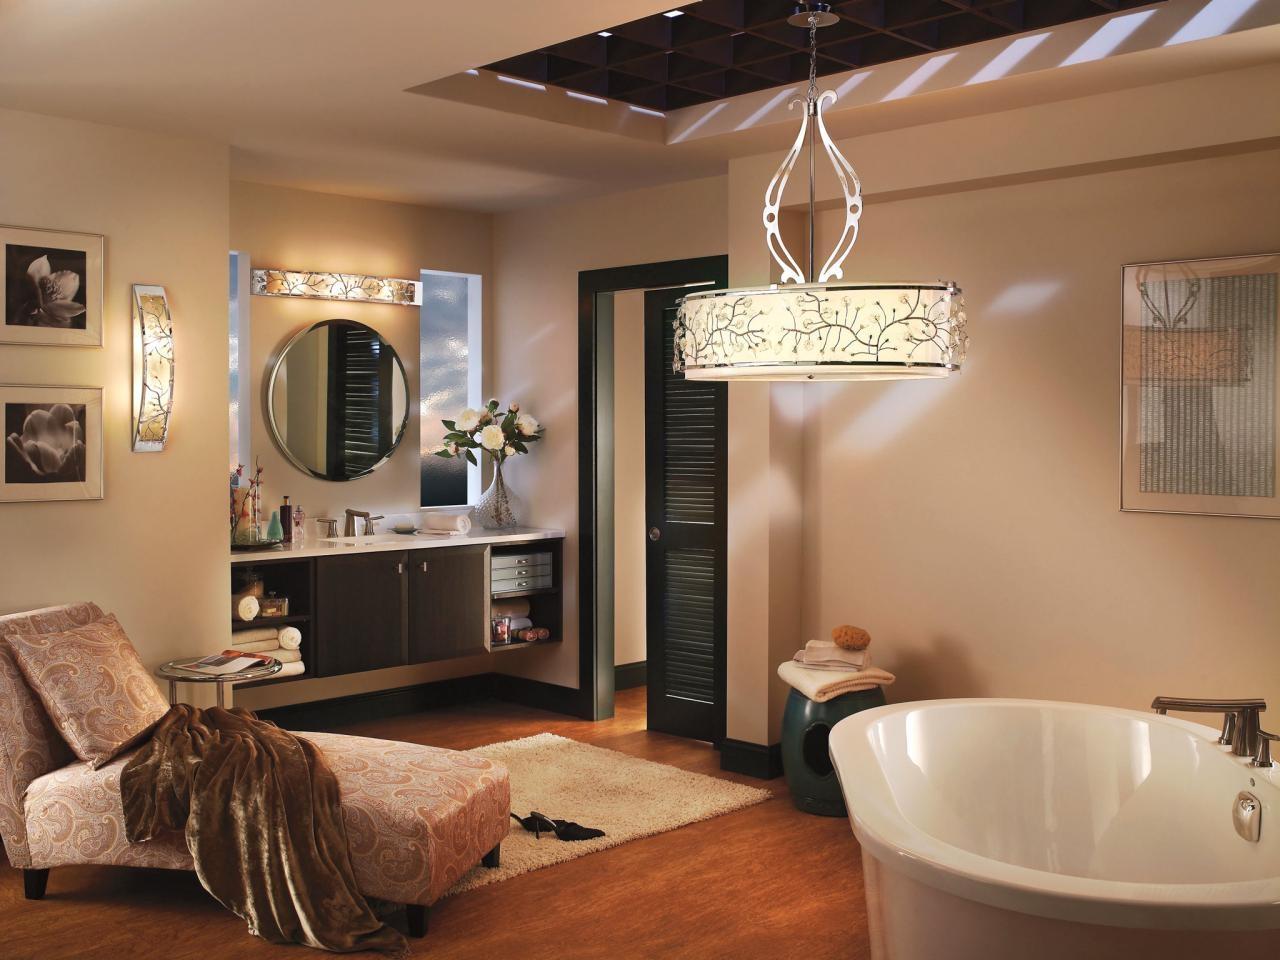 Bathroom Lamps Within Bathroom Lighting Chandeliers (Image 7 of 25)